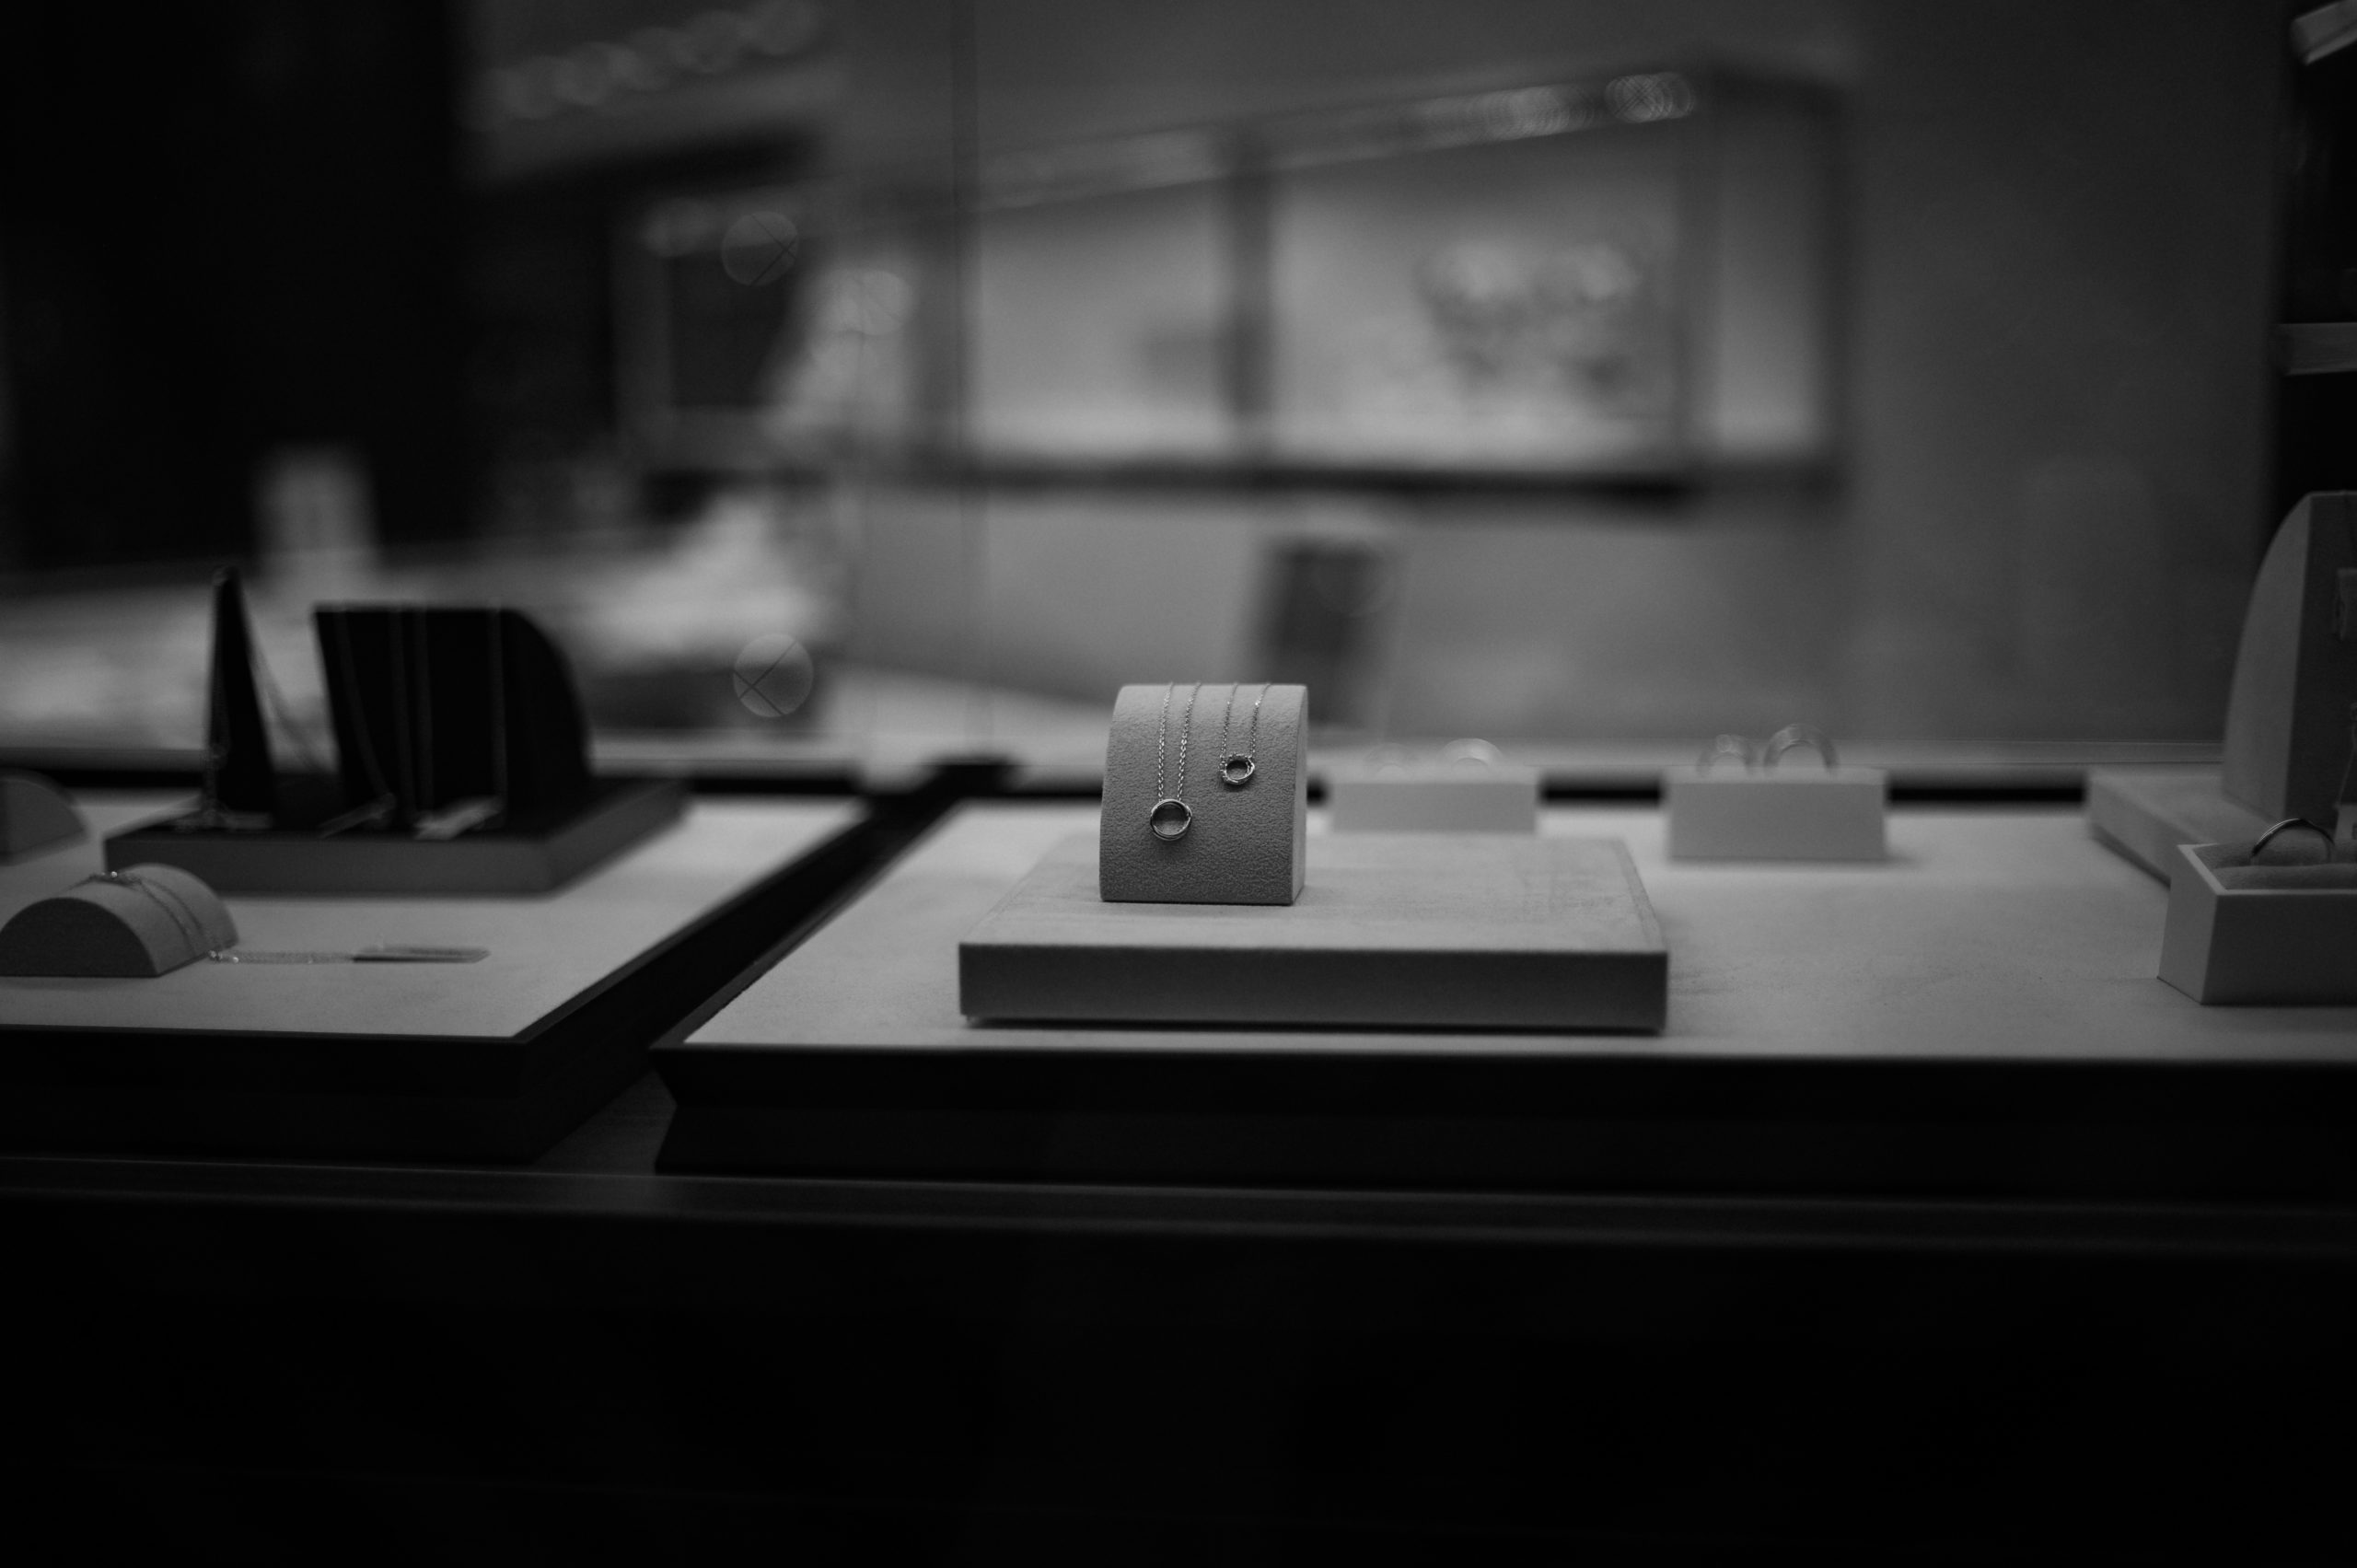 Leica M モノクローム 作例7